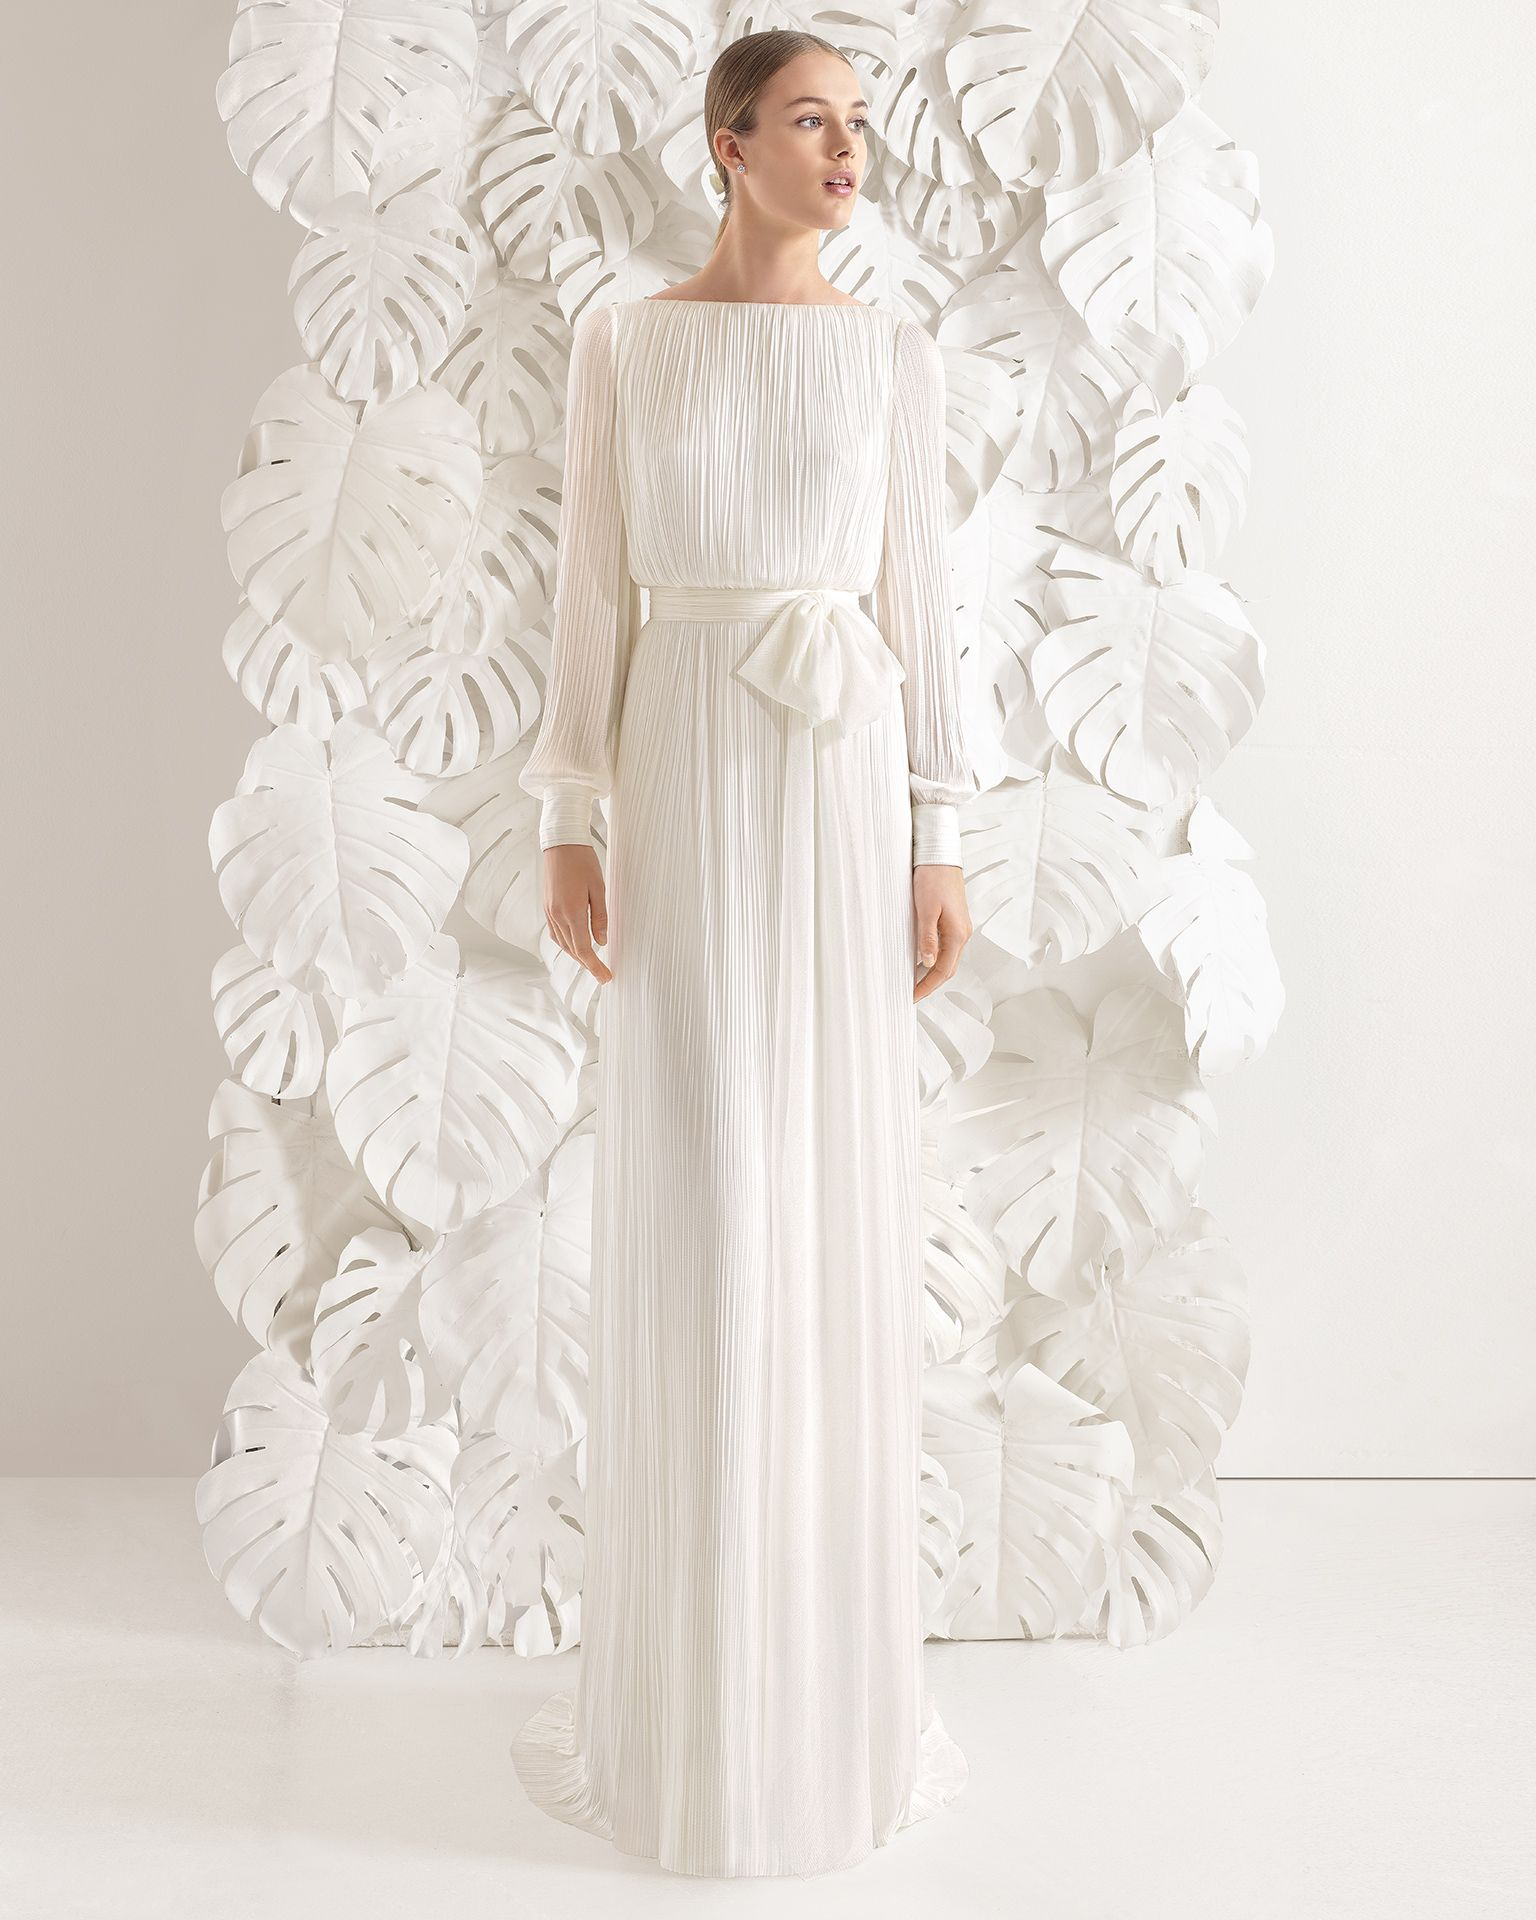 Necora - Hochzeit 2017. Rosa Clará Kollektion | Hochzeitskleider ...